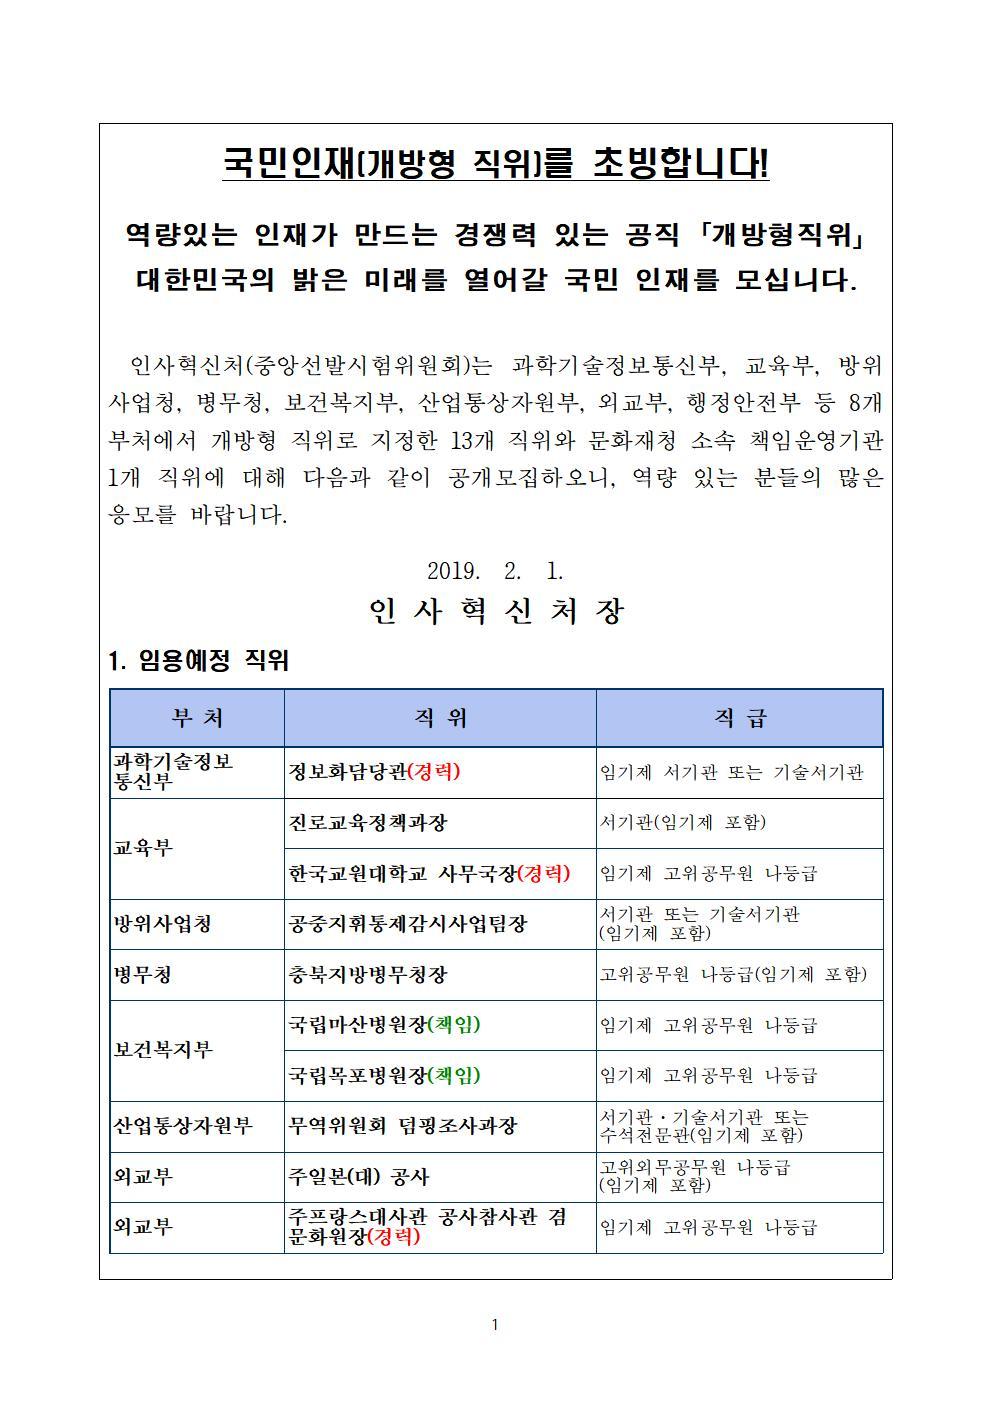 개방형 직위 공개모집 안내(2019년 2월 공고) (1)001.jpg